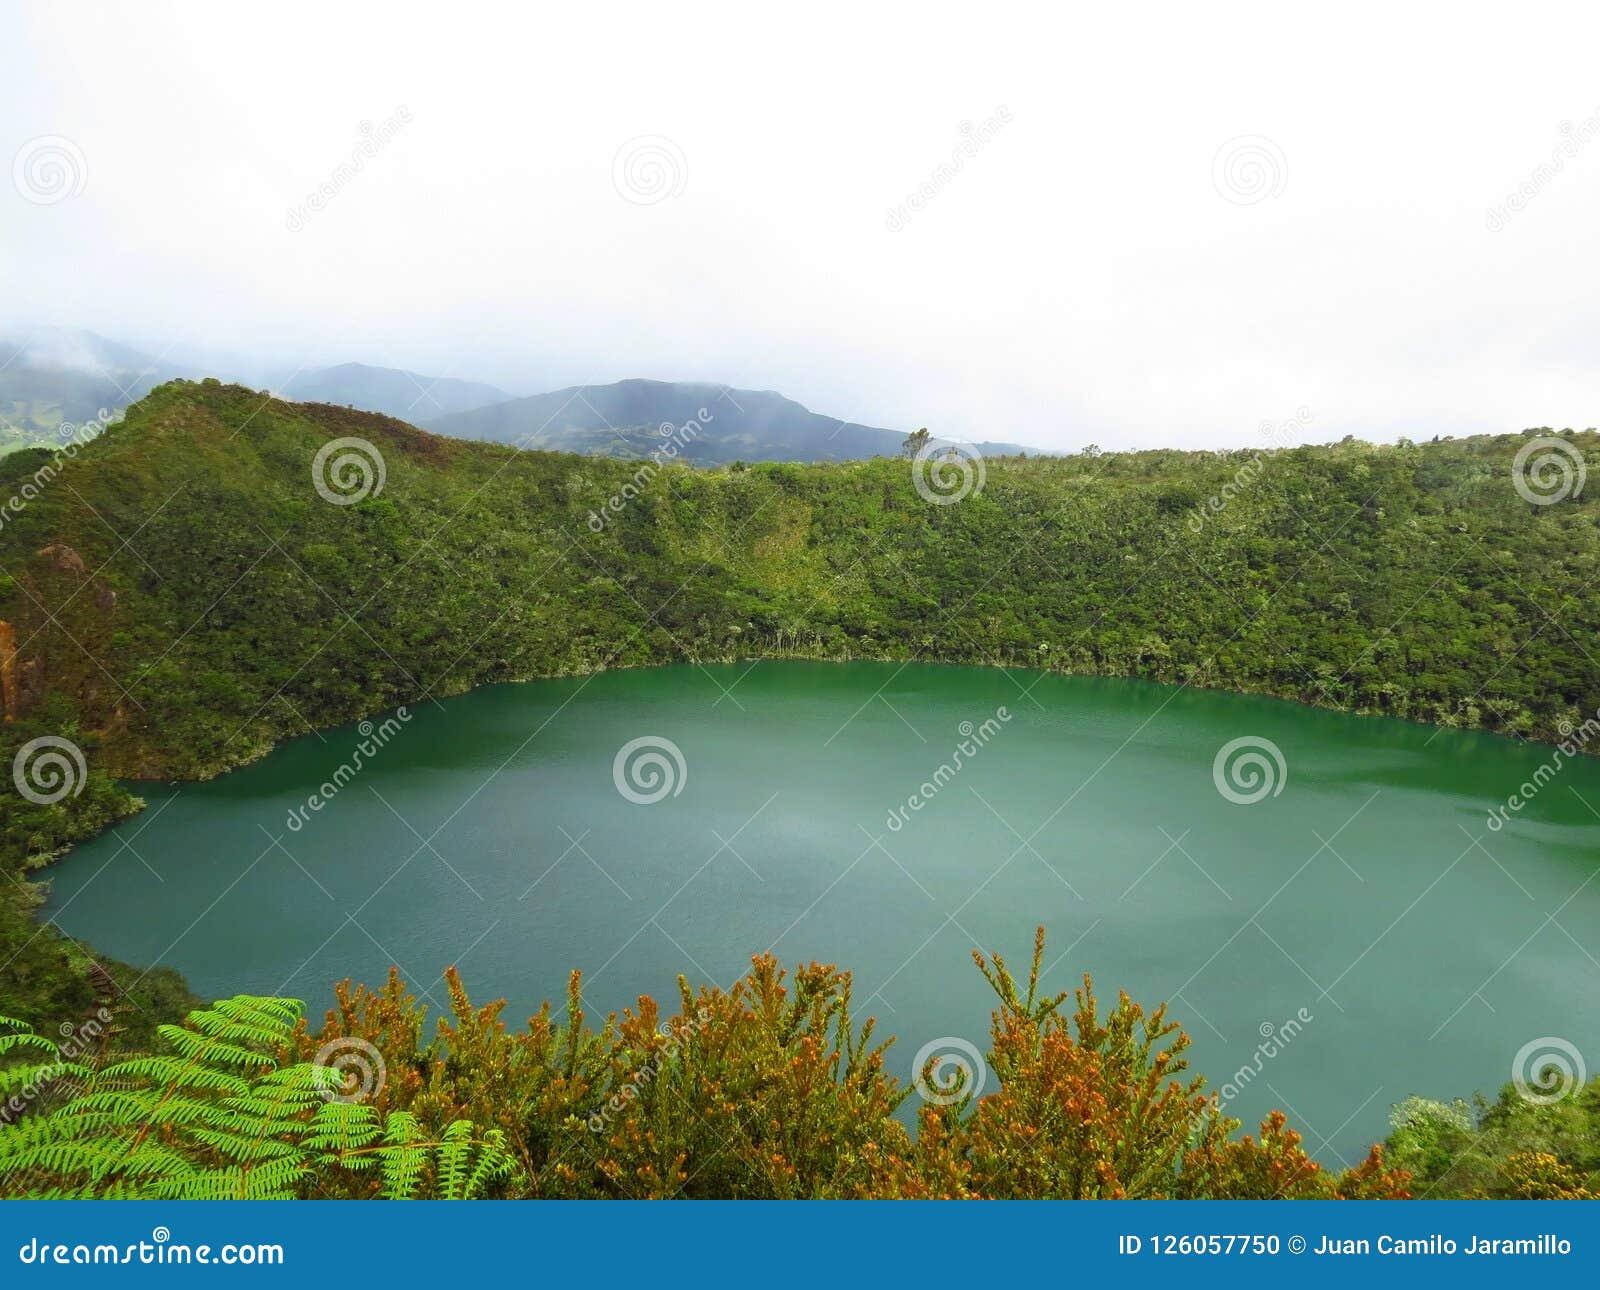 Lagoon or lake el dorado legend guatavita